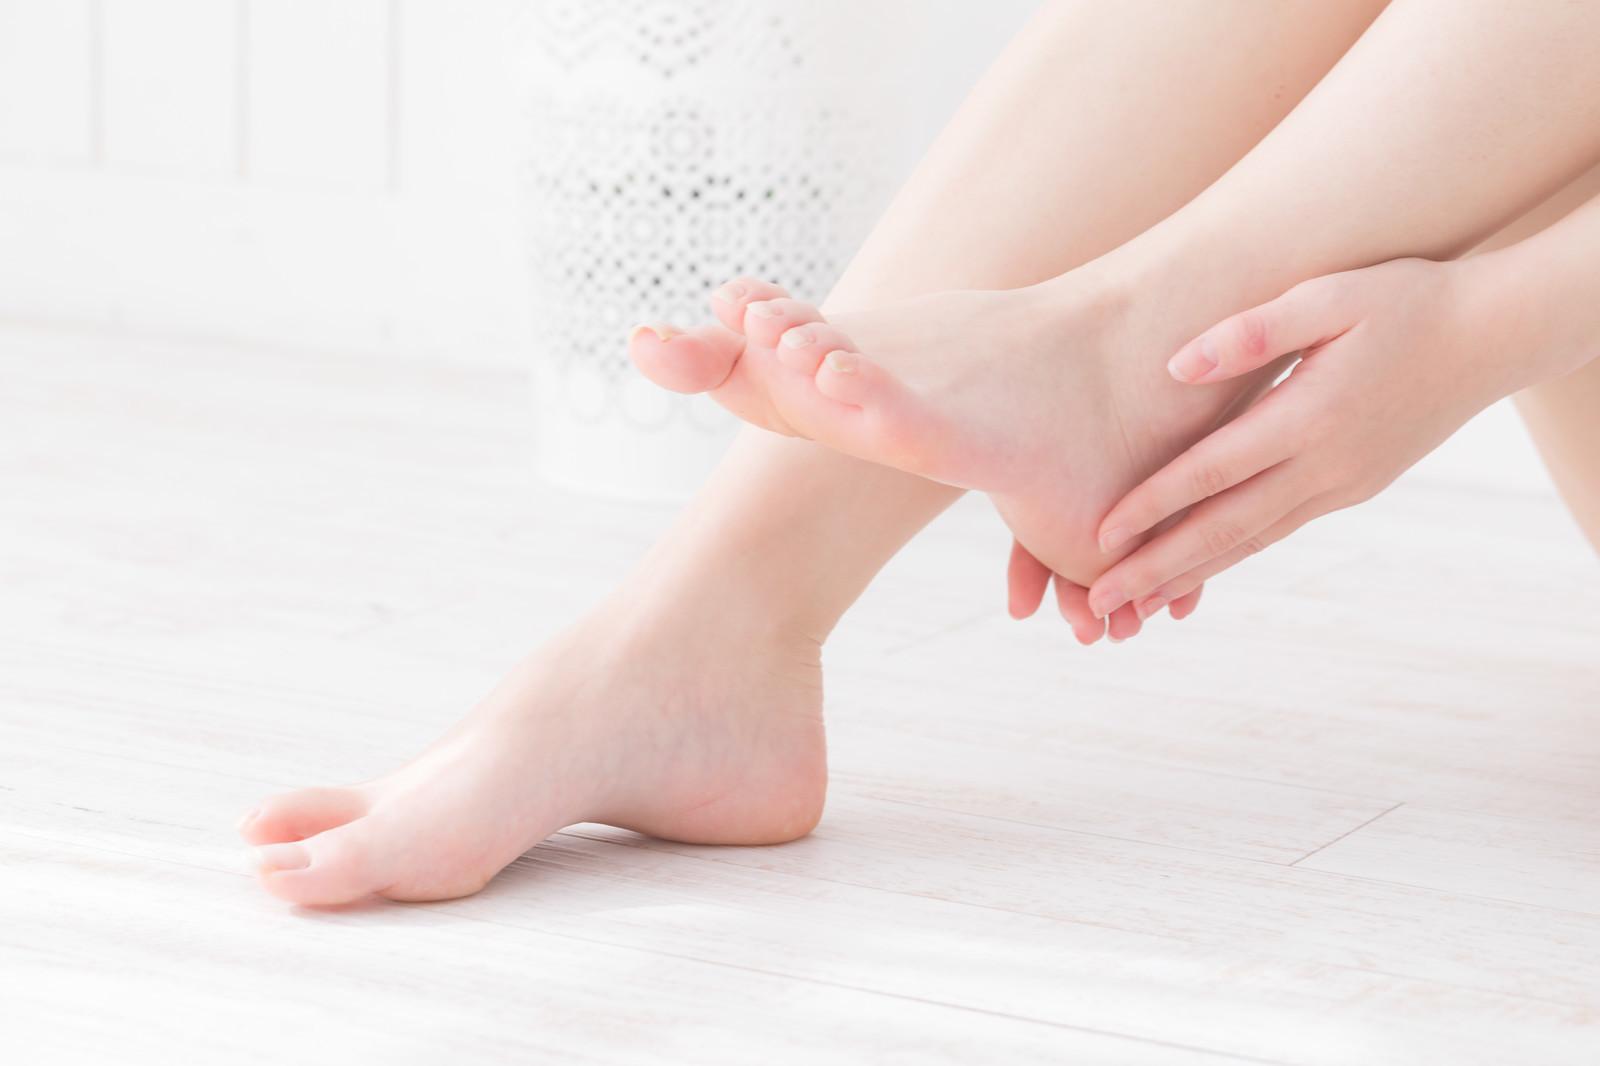 むける 皮 足 親指 の が